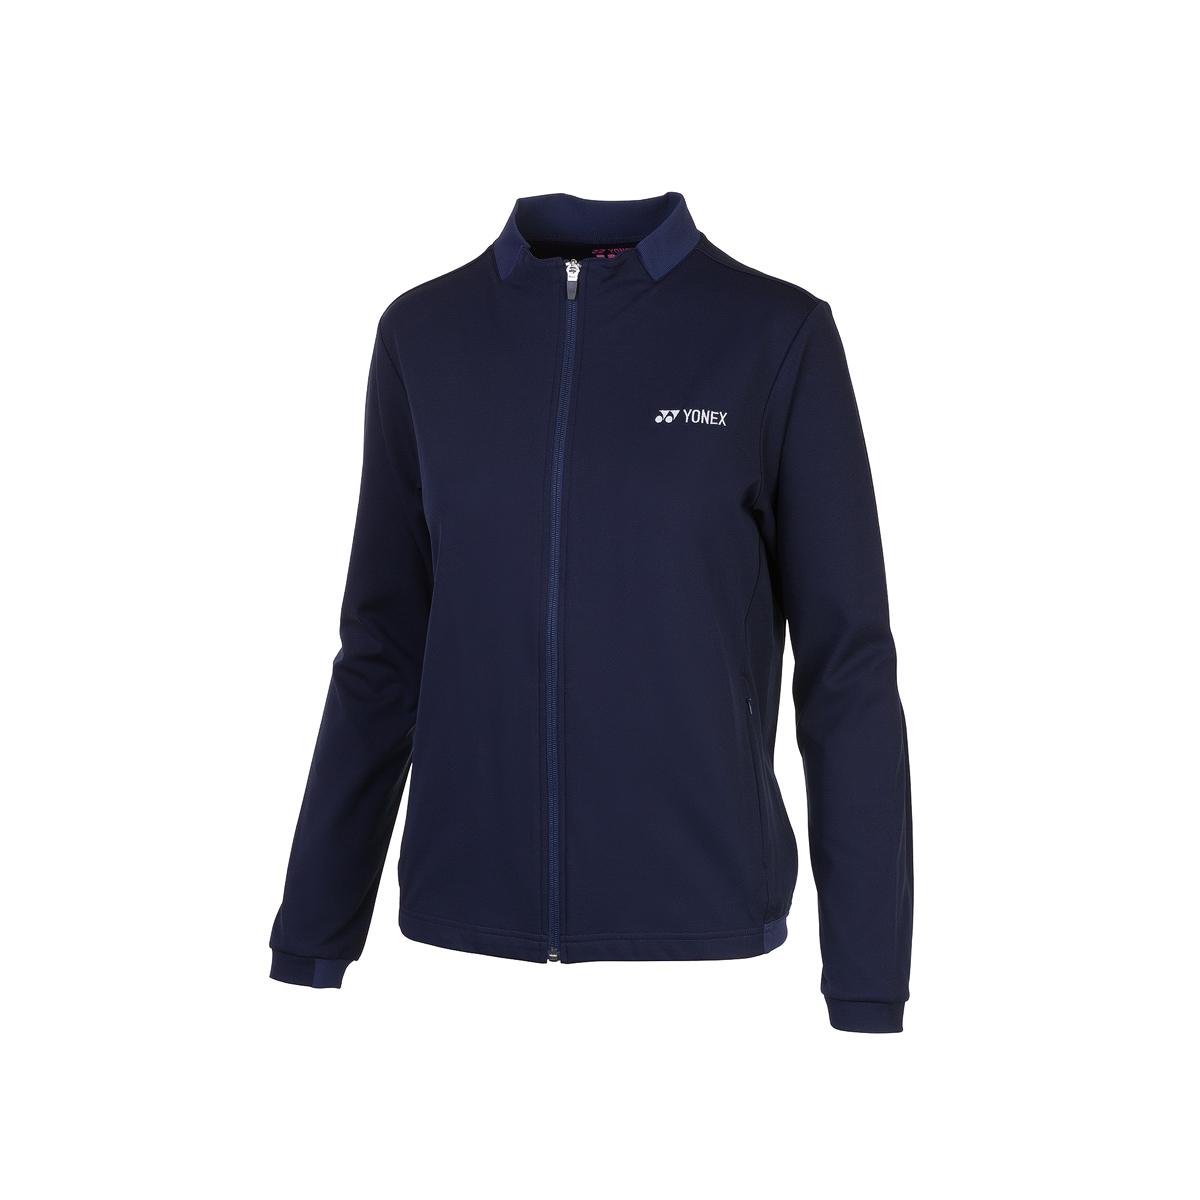 YONEX - Women Warm-up Jacket #57060